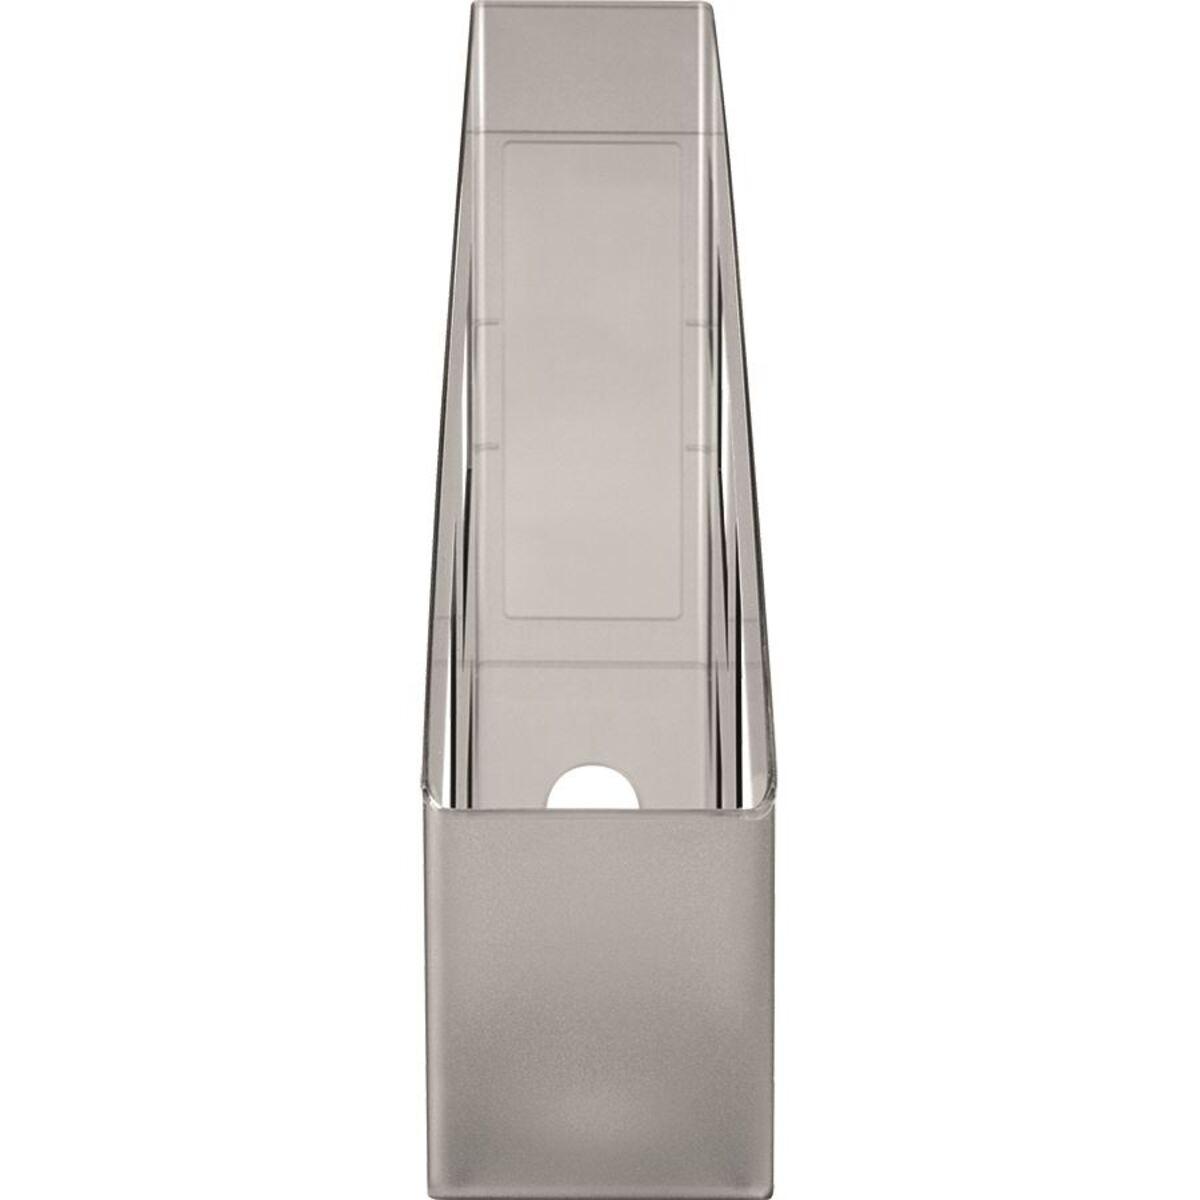 Bild 4 von Kunststoff-Stehsammler A4 Weiß-Transluzent